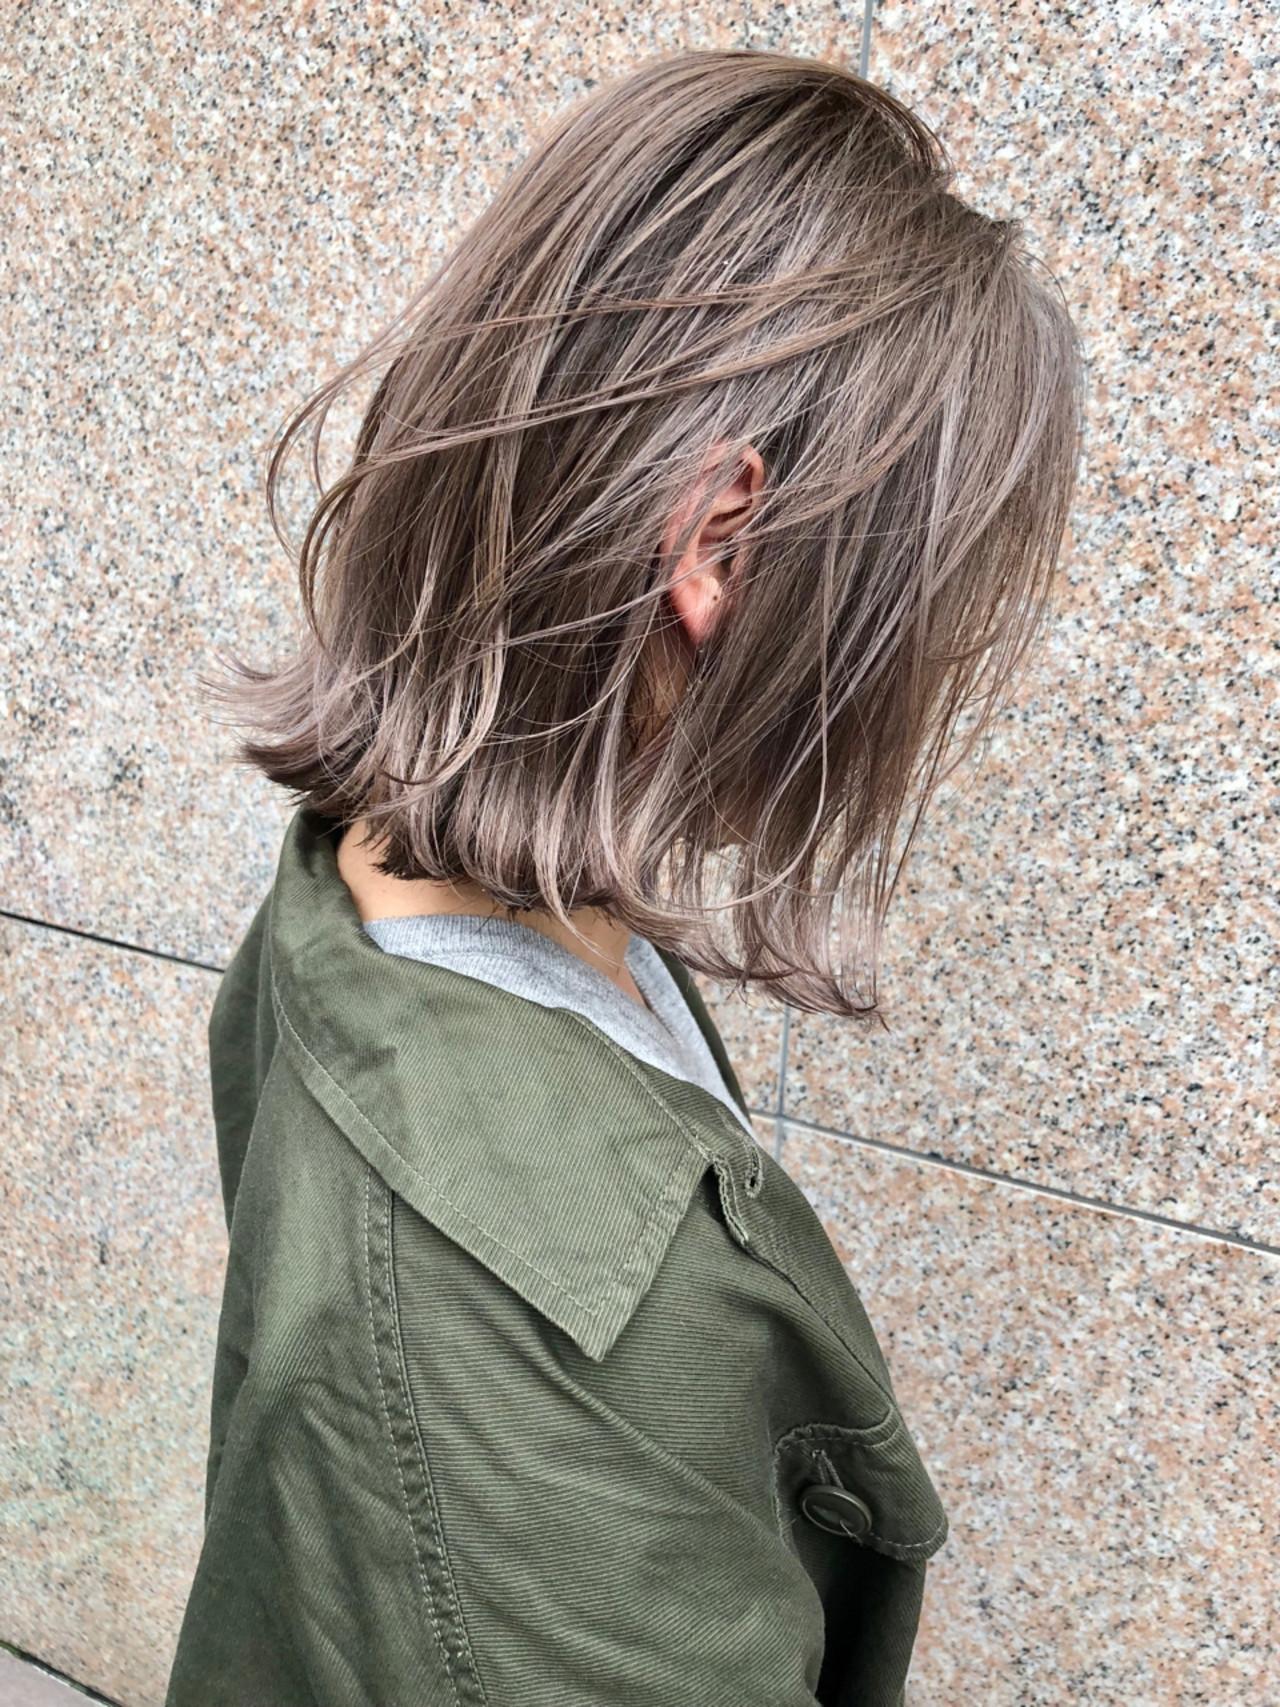 ハイライト ゆるふわ ストリート アンニュイ ヘアスタイルや髪型の写真・画像